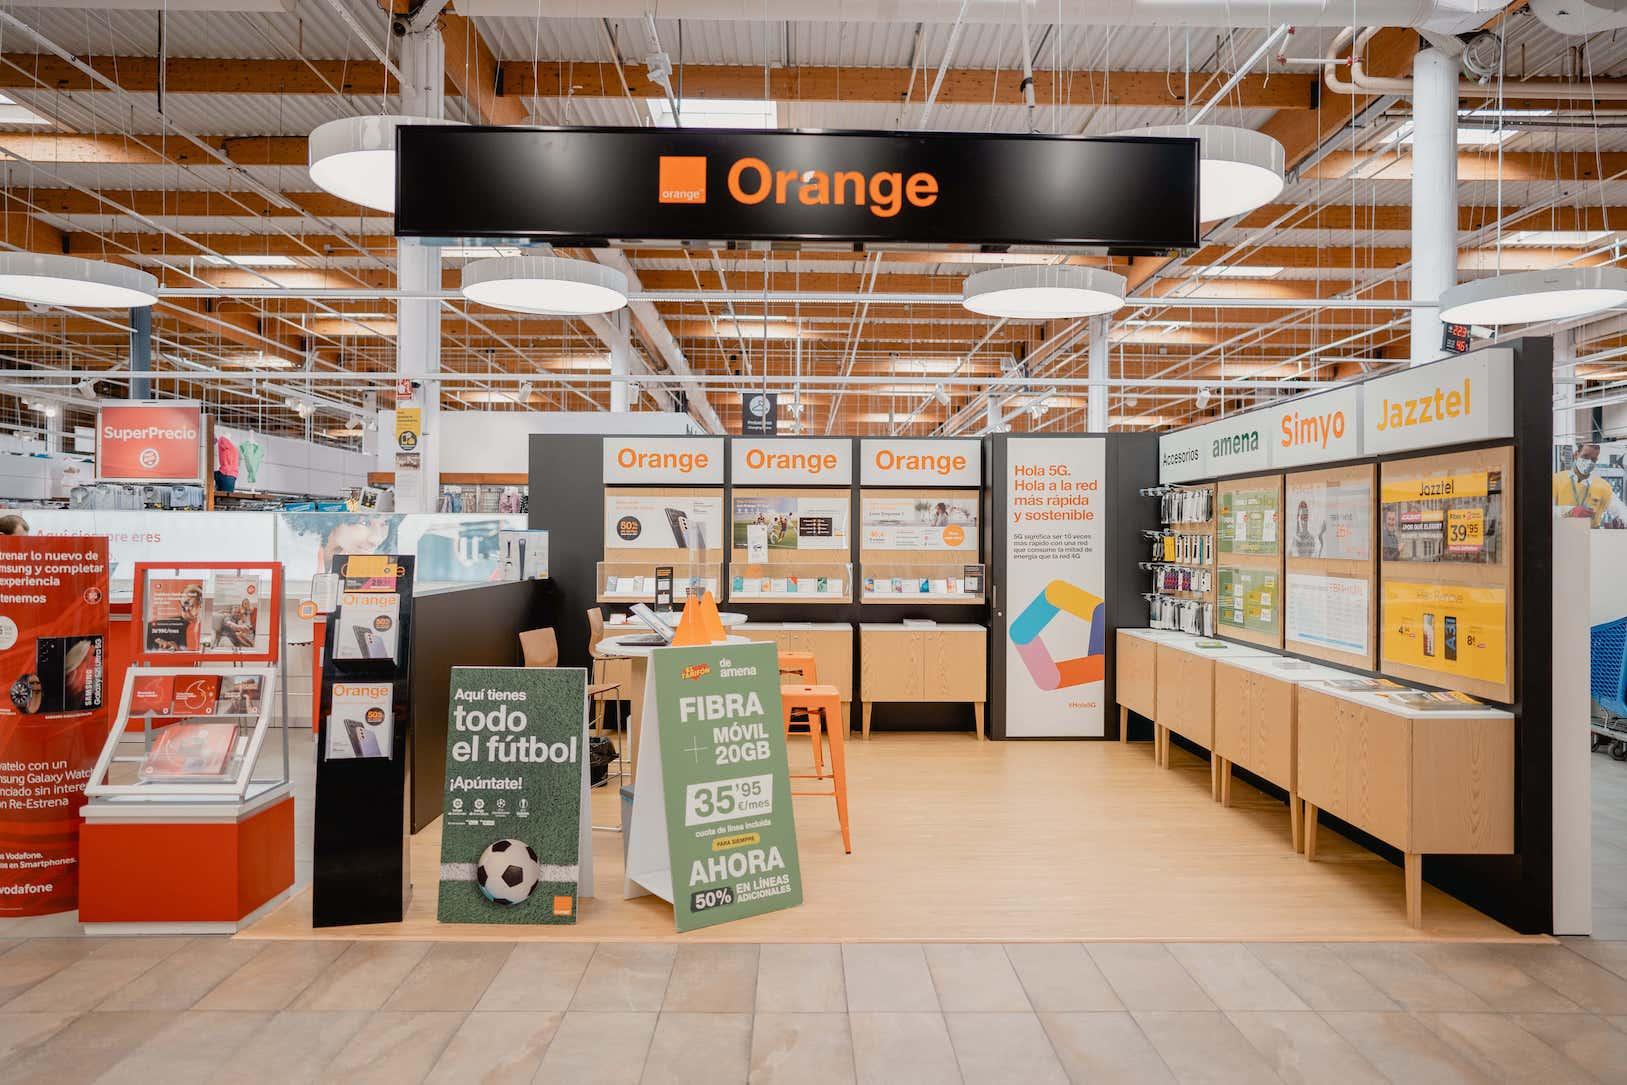 Fabricacion-e-instalacion-de-mobiliario-para-Orange-en-espacio-comercial-por-Instore